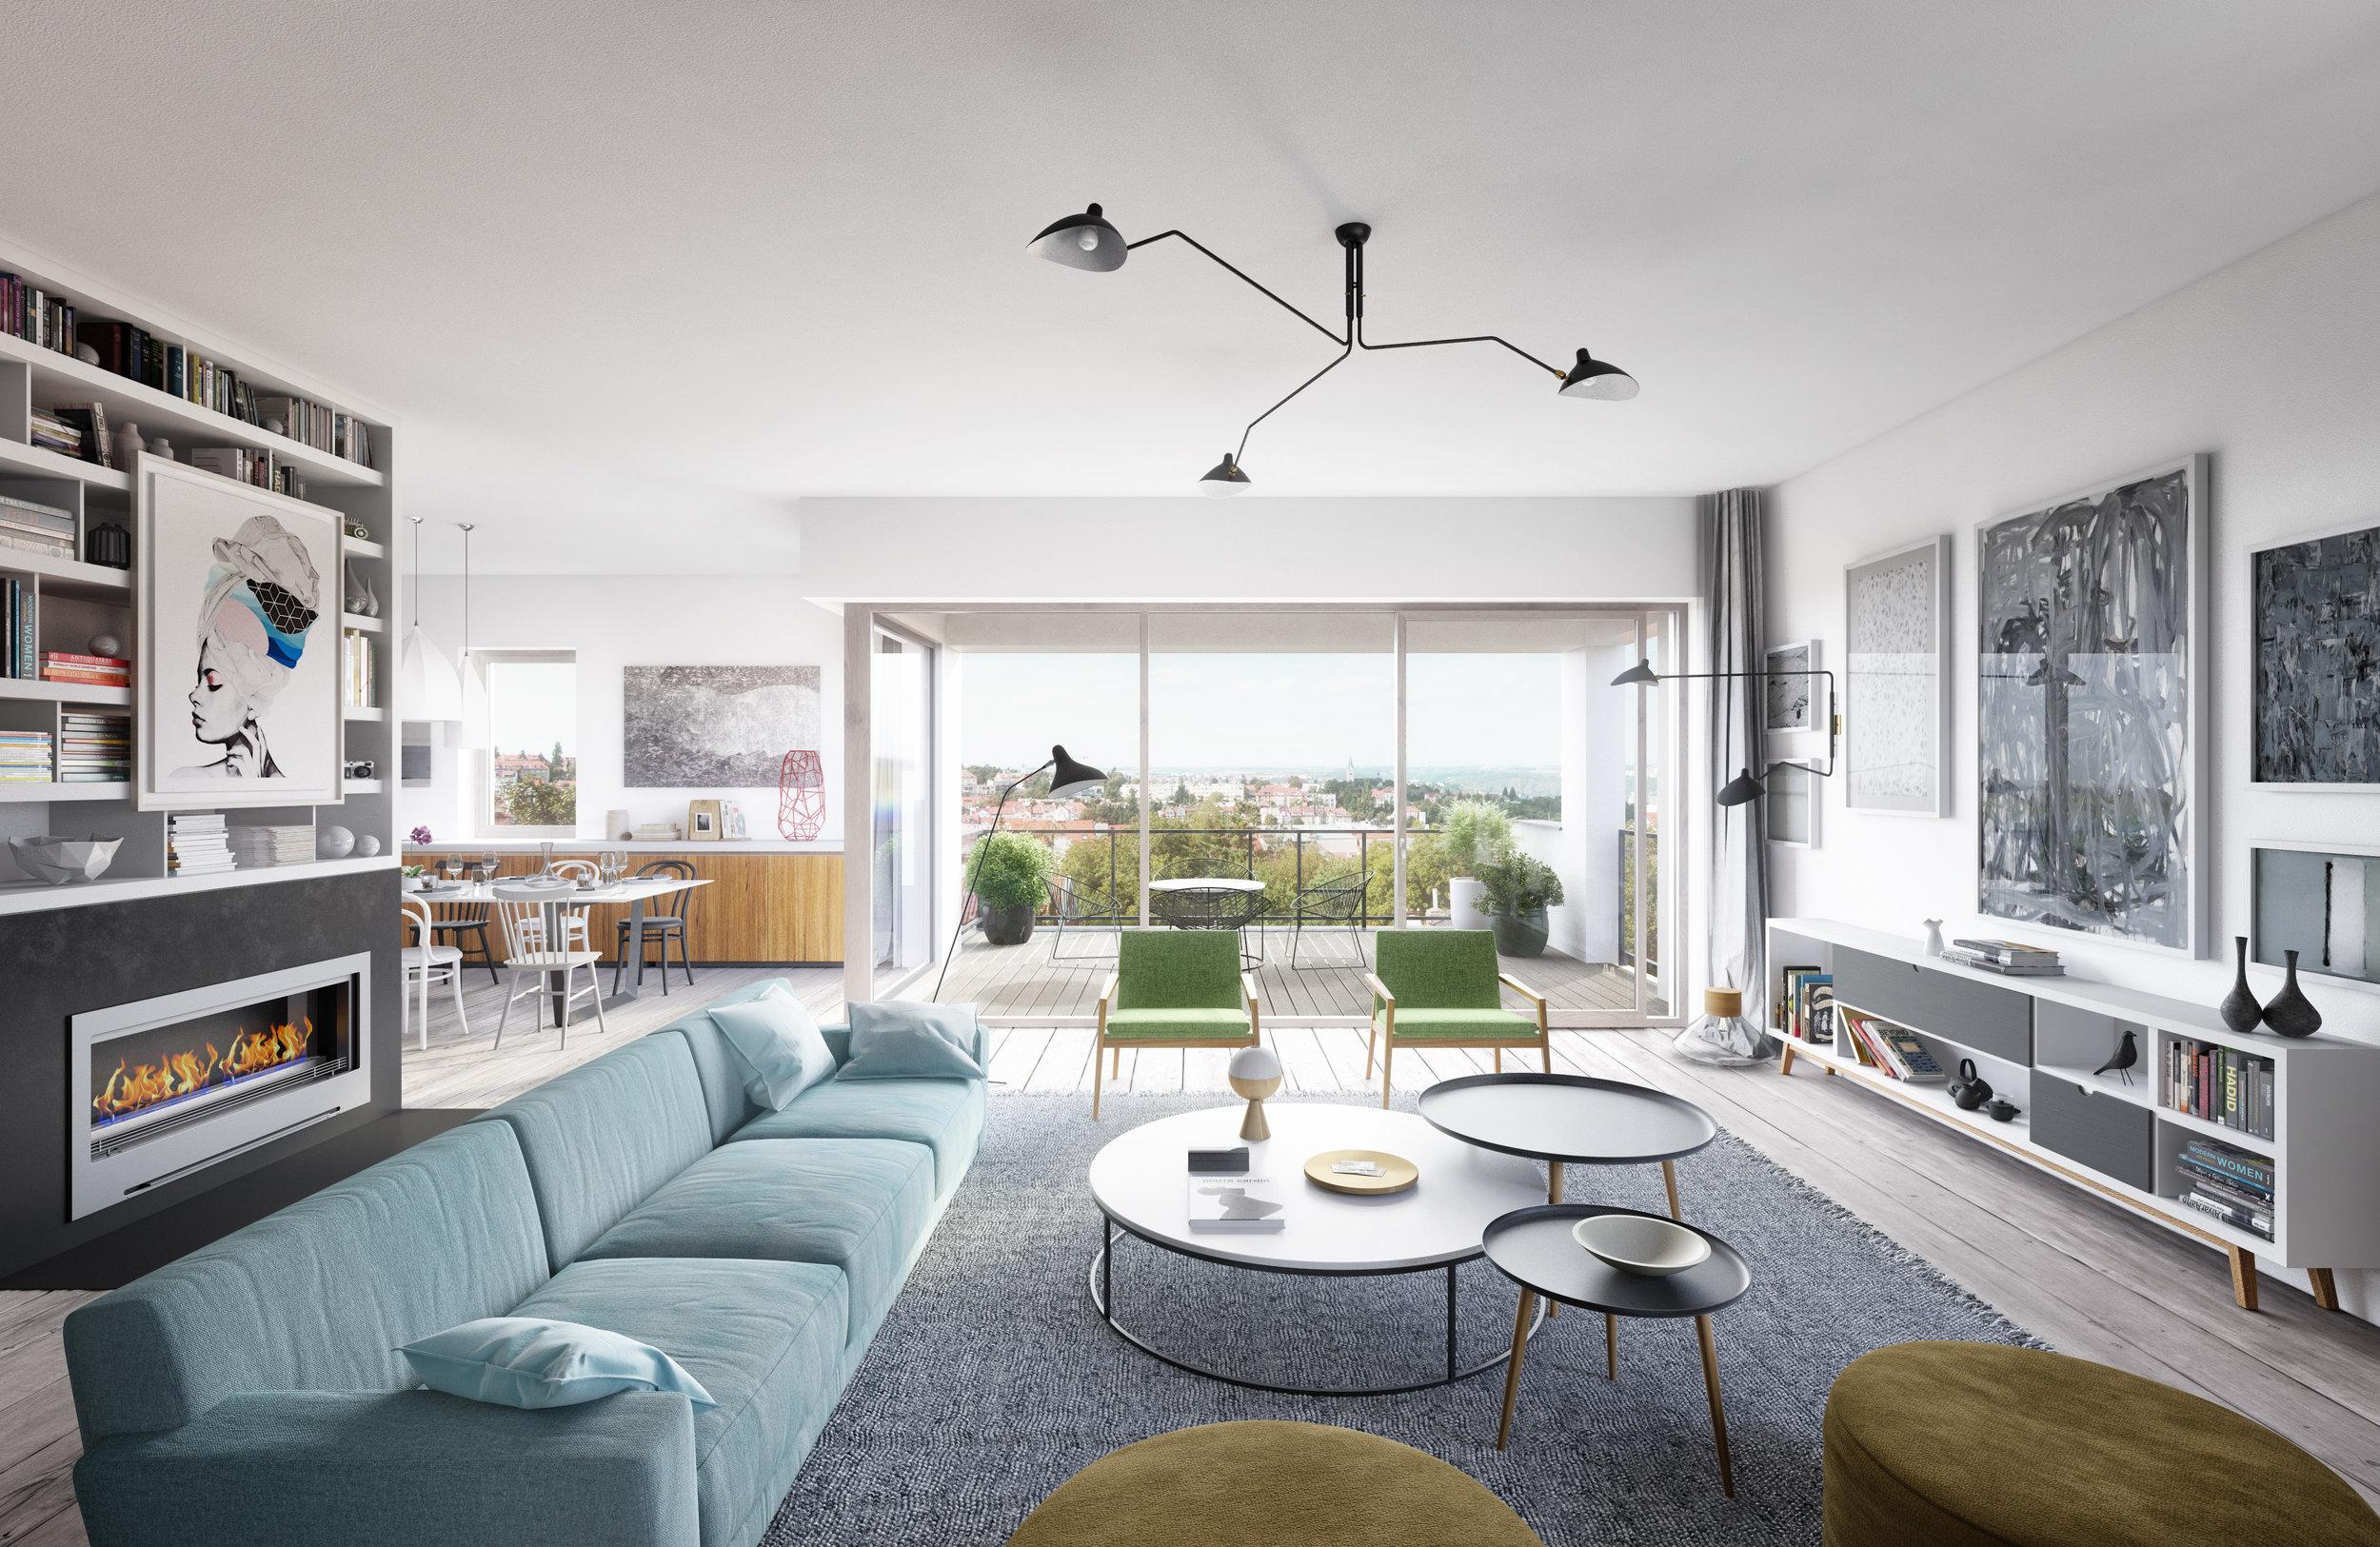 Dispozice bytu - Byt o celkové výměře 221,7 m² a dispozici 5+kk se dvěma balkony (celkem 28 m²) se nachází v prvním patře nového viladomu situovaného v moderním rezidenčním areálu La Crone v ulici Nad Tejnkou. K bytu lze přikoupit také nadstandardně široká podzemní parkovací stání i dostatečně prostorný sklep.